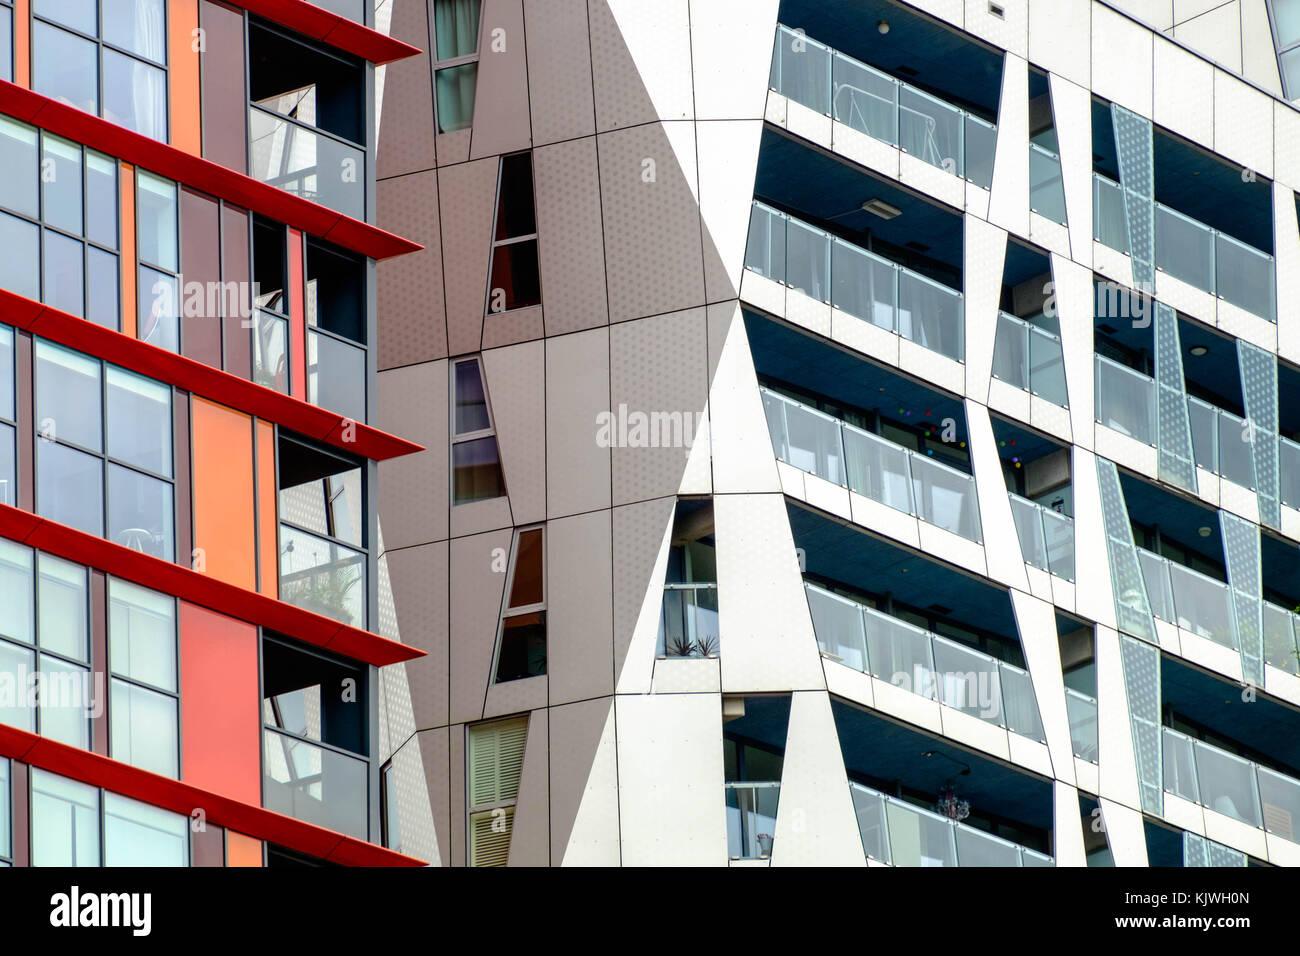 Ein Blick auf die zeitgenössische Architektur in Rotterdam in den Niederlanden. Stockbild